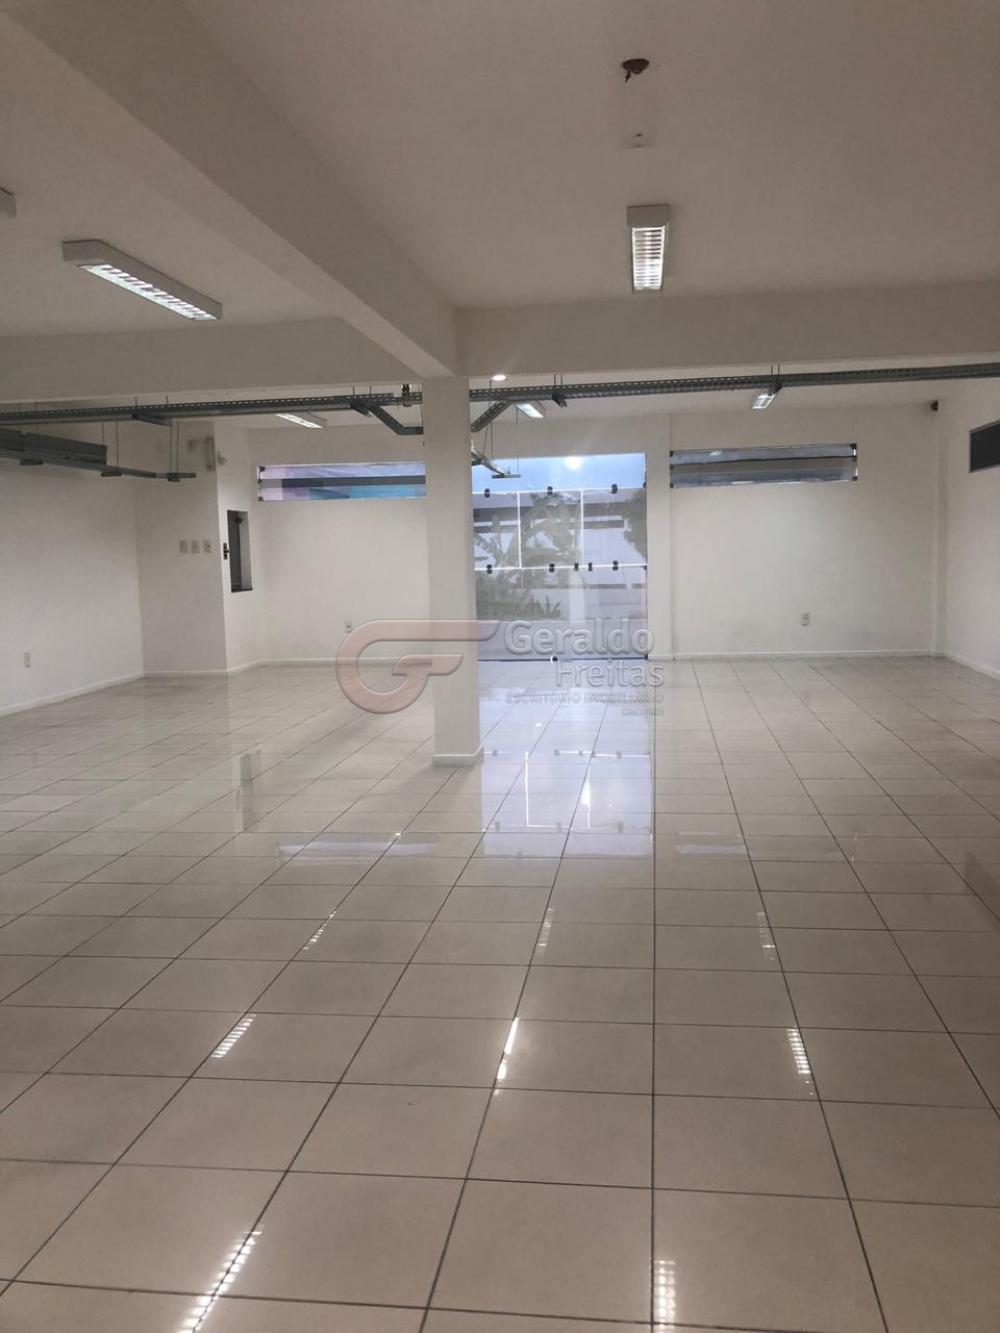 Alugar Comerciais / Prédio em Maceió apenas R$ 20.000,00 - Foto 23